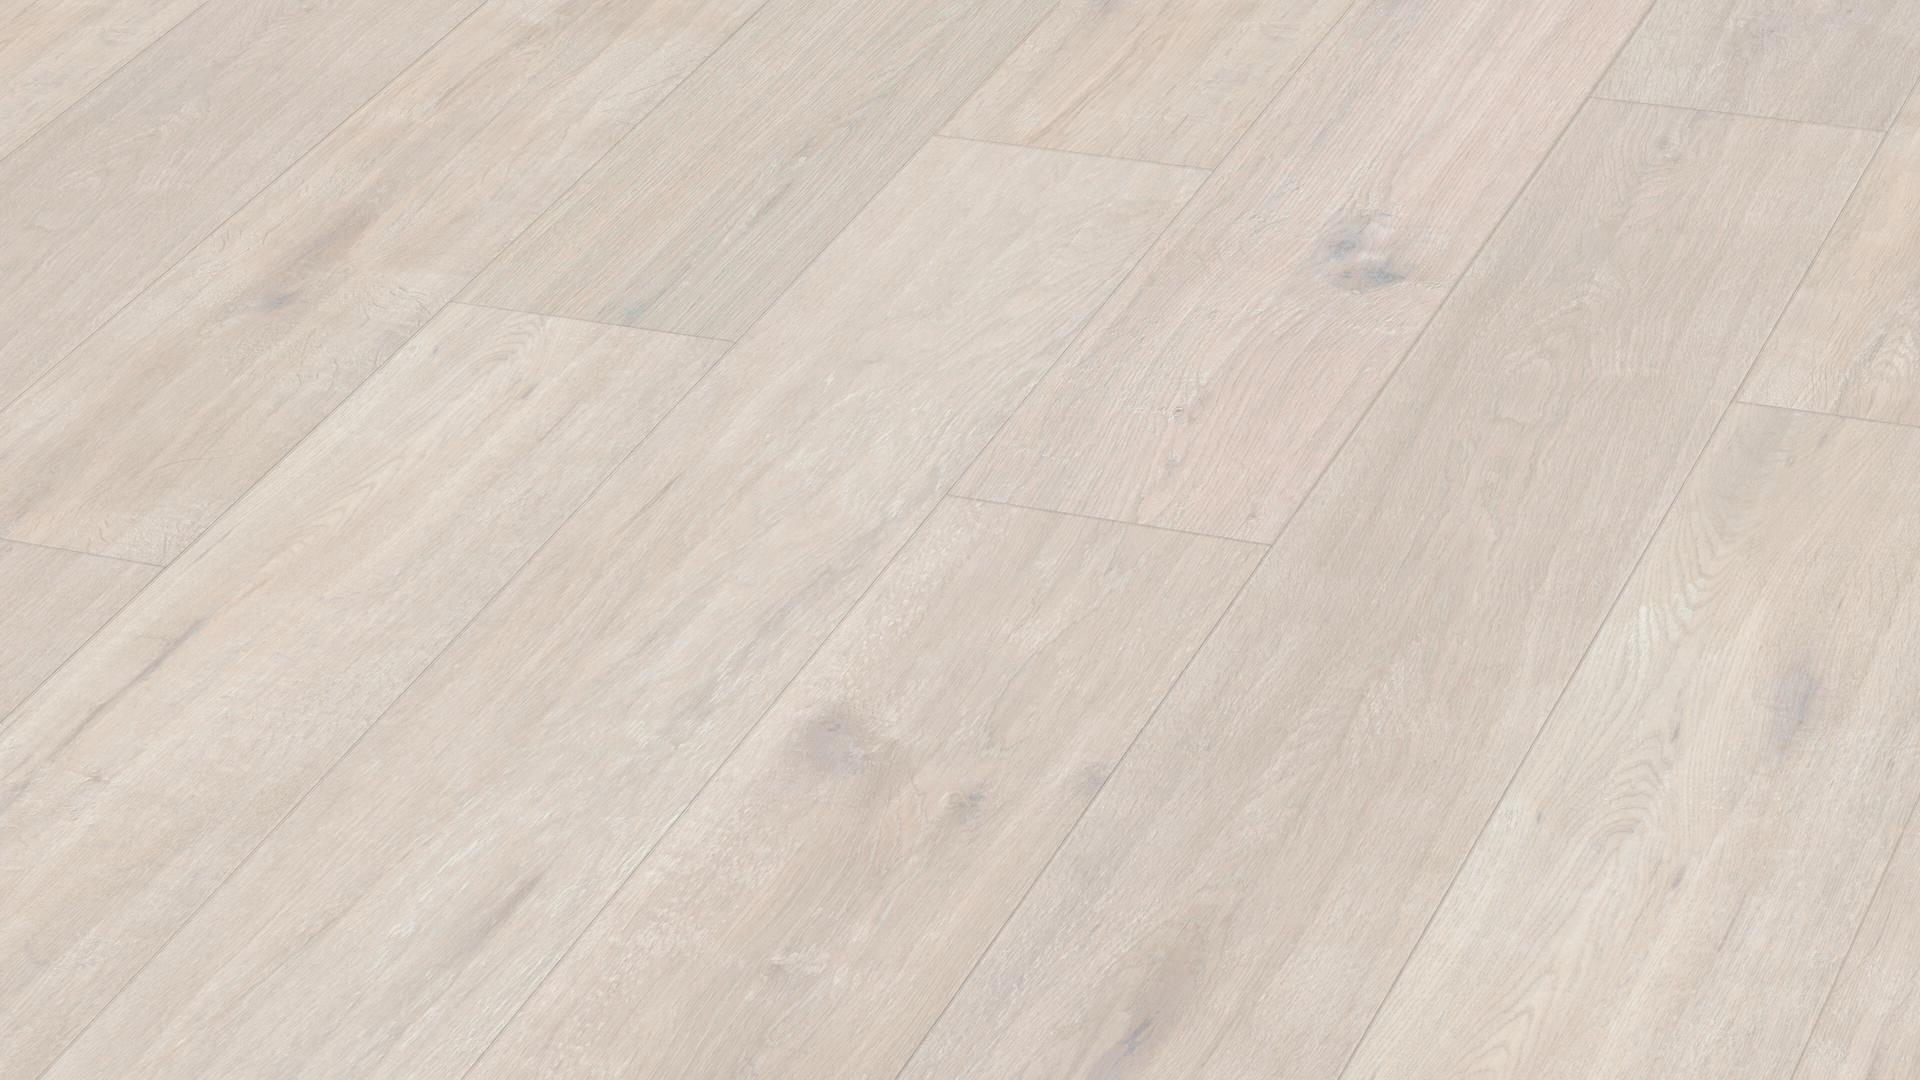 Laminat MeisterDesign. laminate LD 250 Eiche arcticweiß 6995